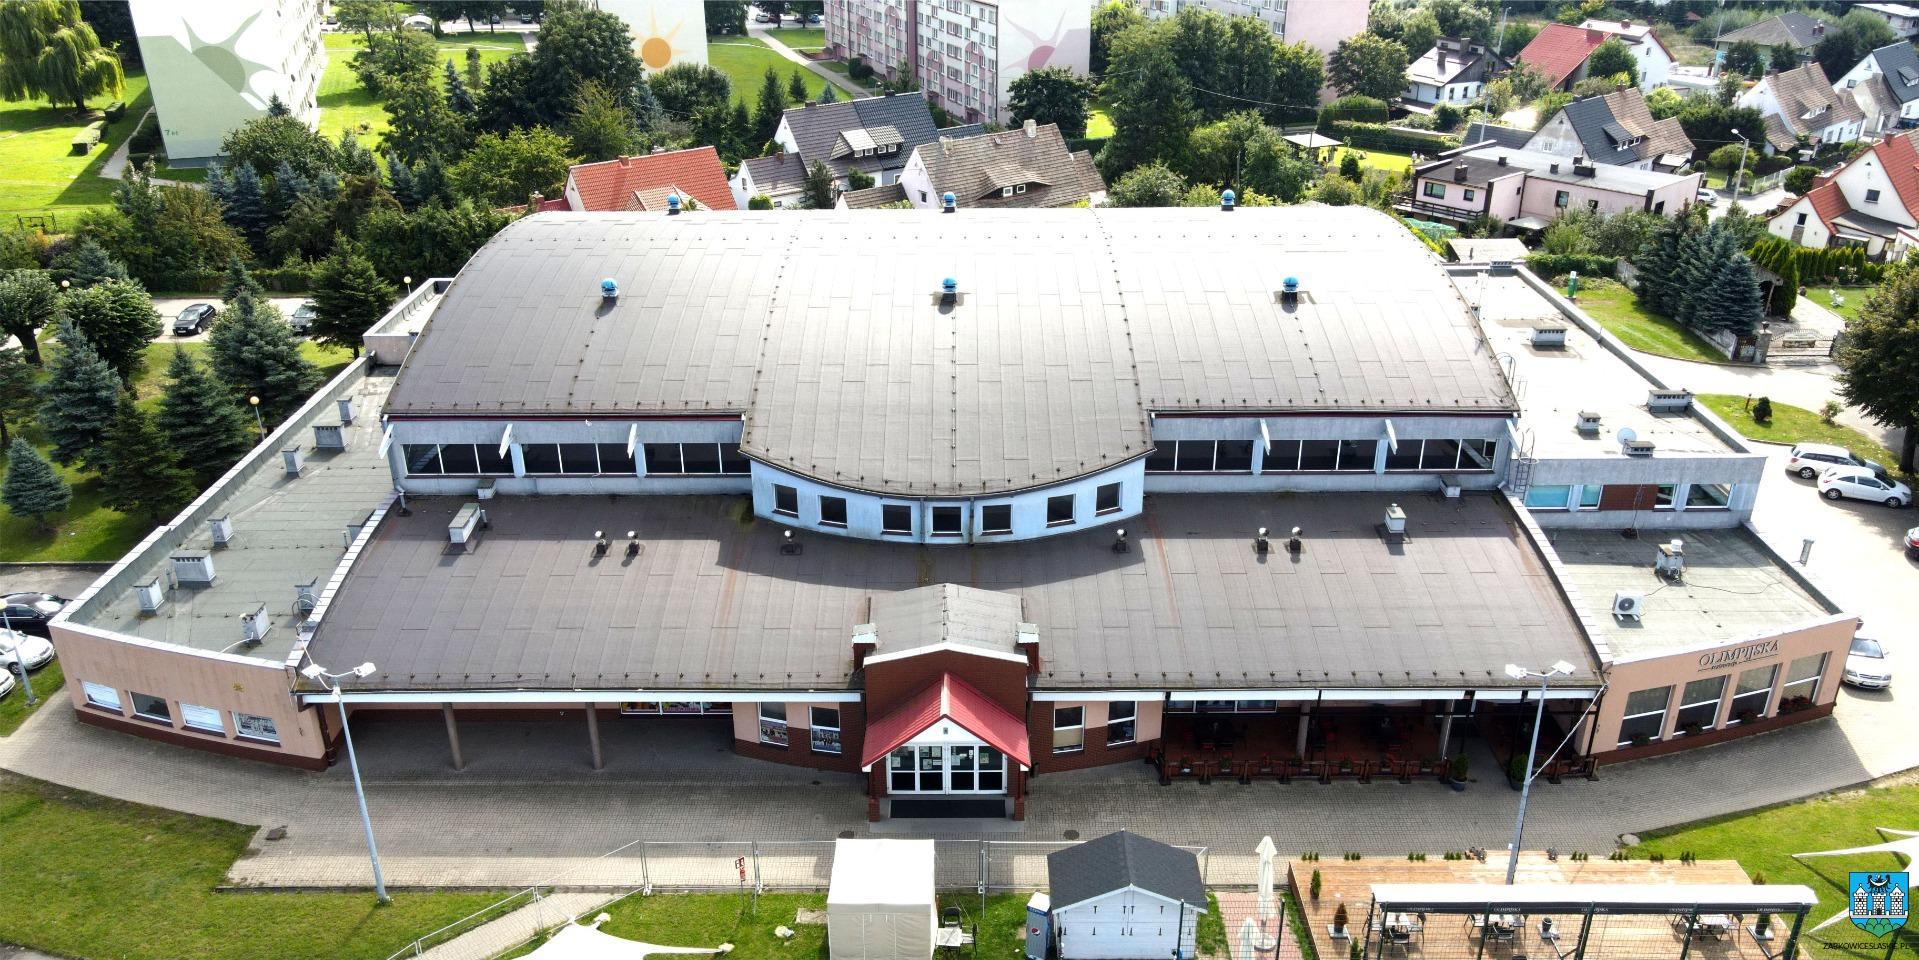 Ząbkowice Śl. W Hali Słonecznej powstaną pokoje gościnne i siłownia - Zdjęcie główne